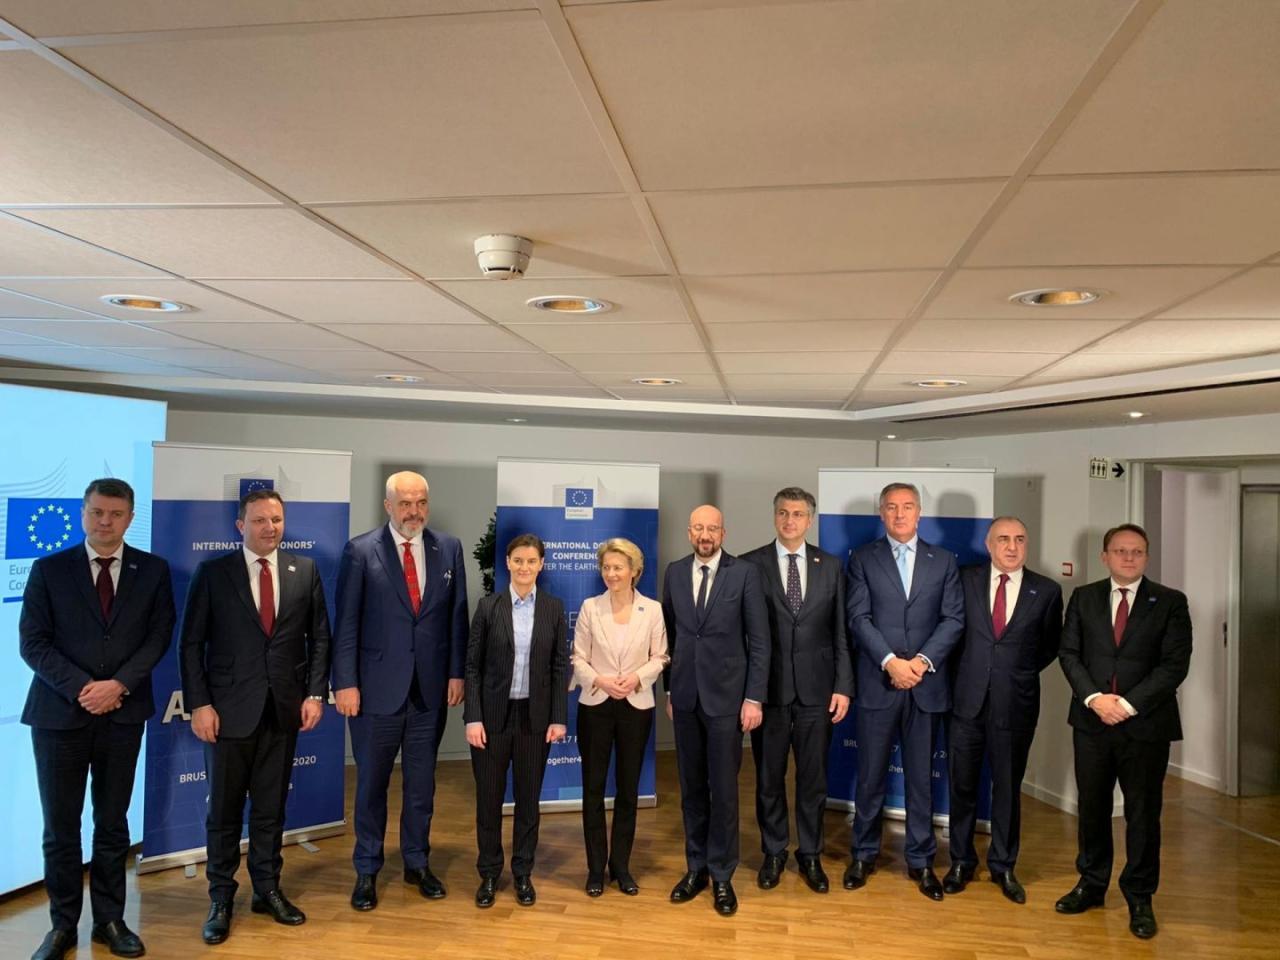 Эльмар Мамедъяров принял участие в Международной донорской конференции для Албании